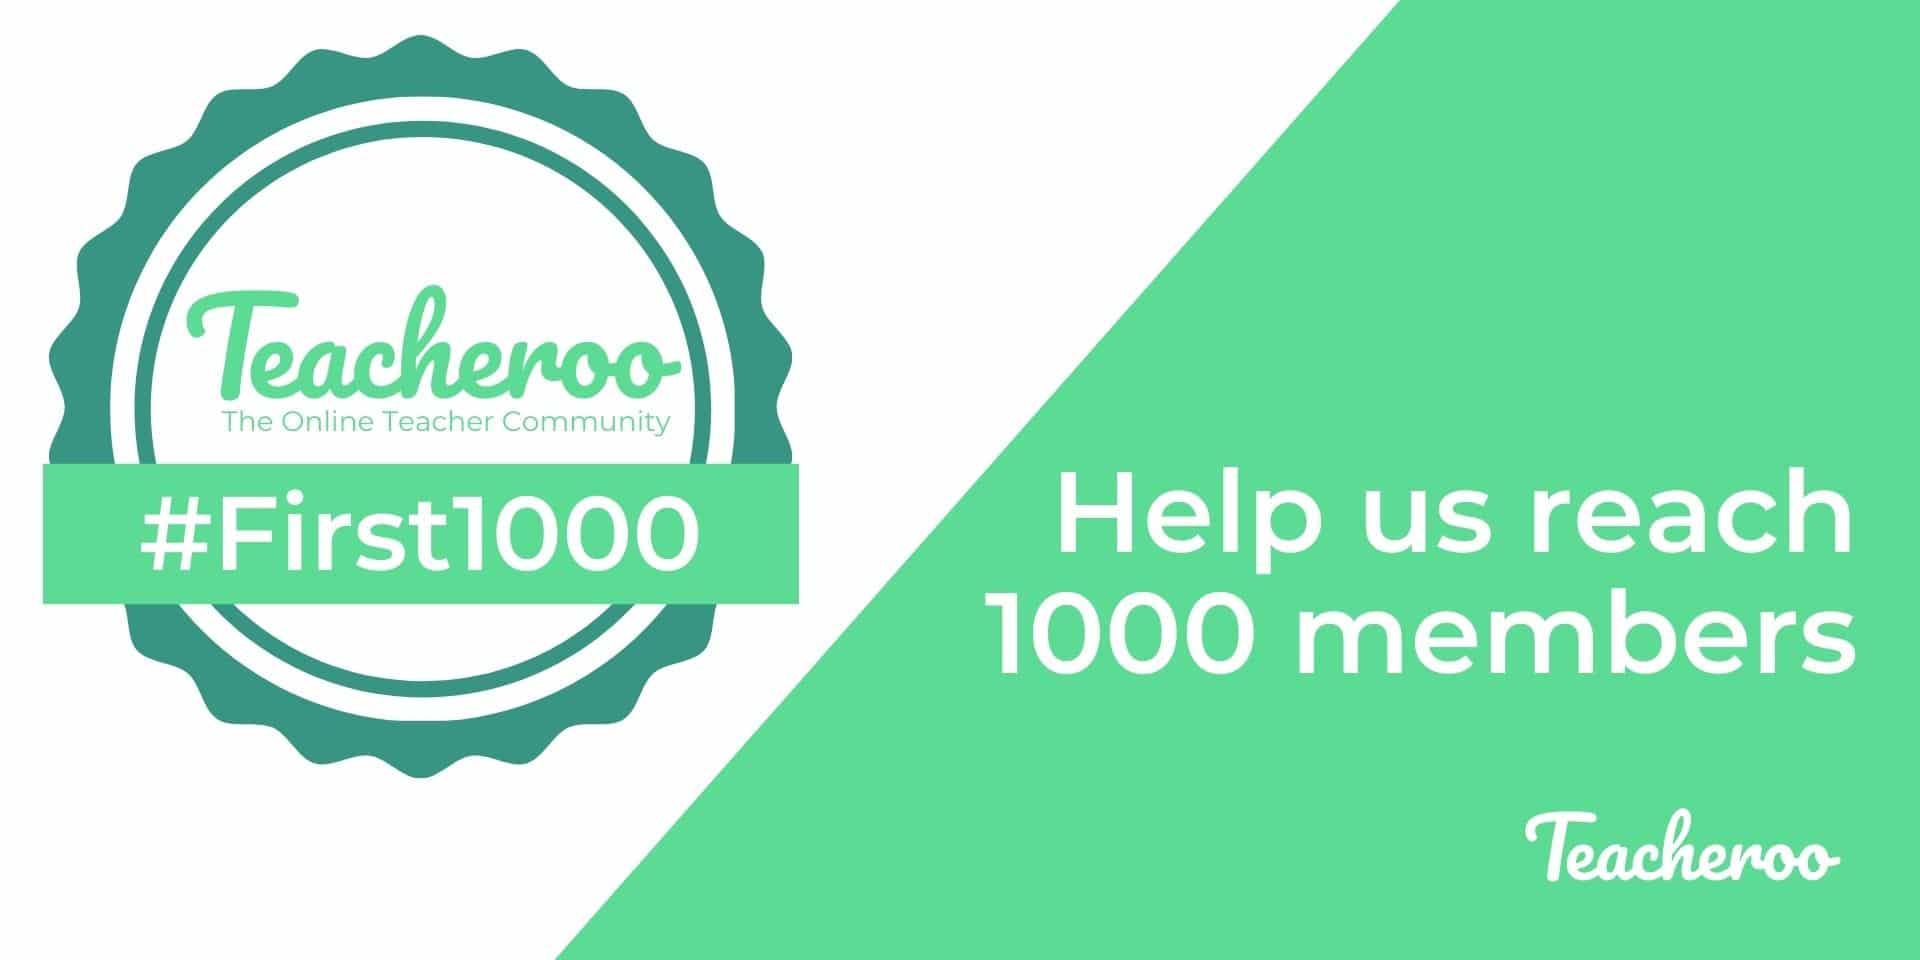 First 1000 members on teacheroo digital badge